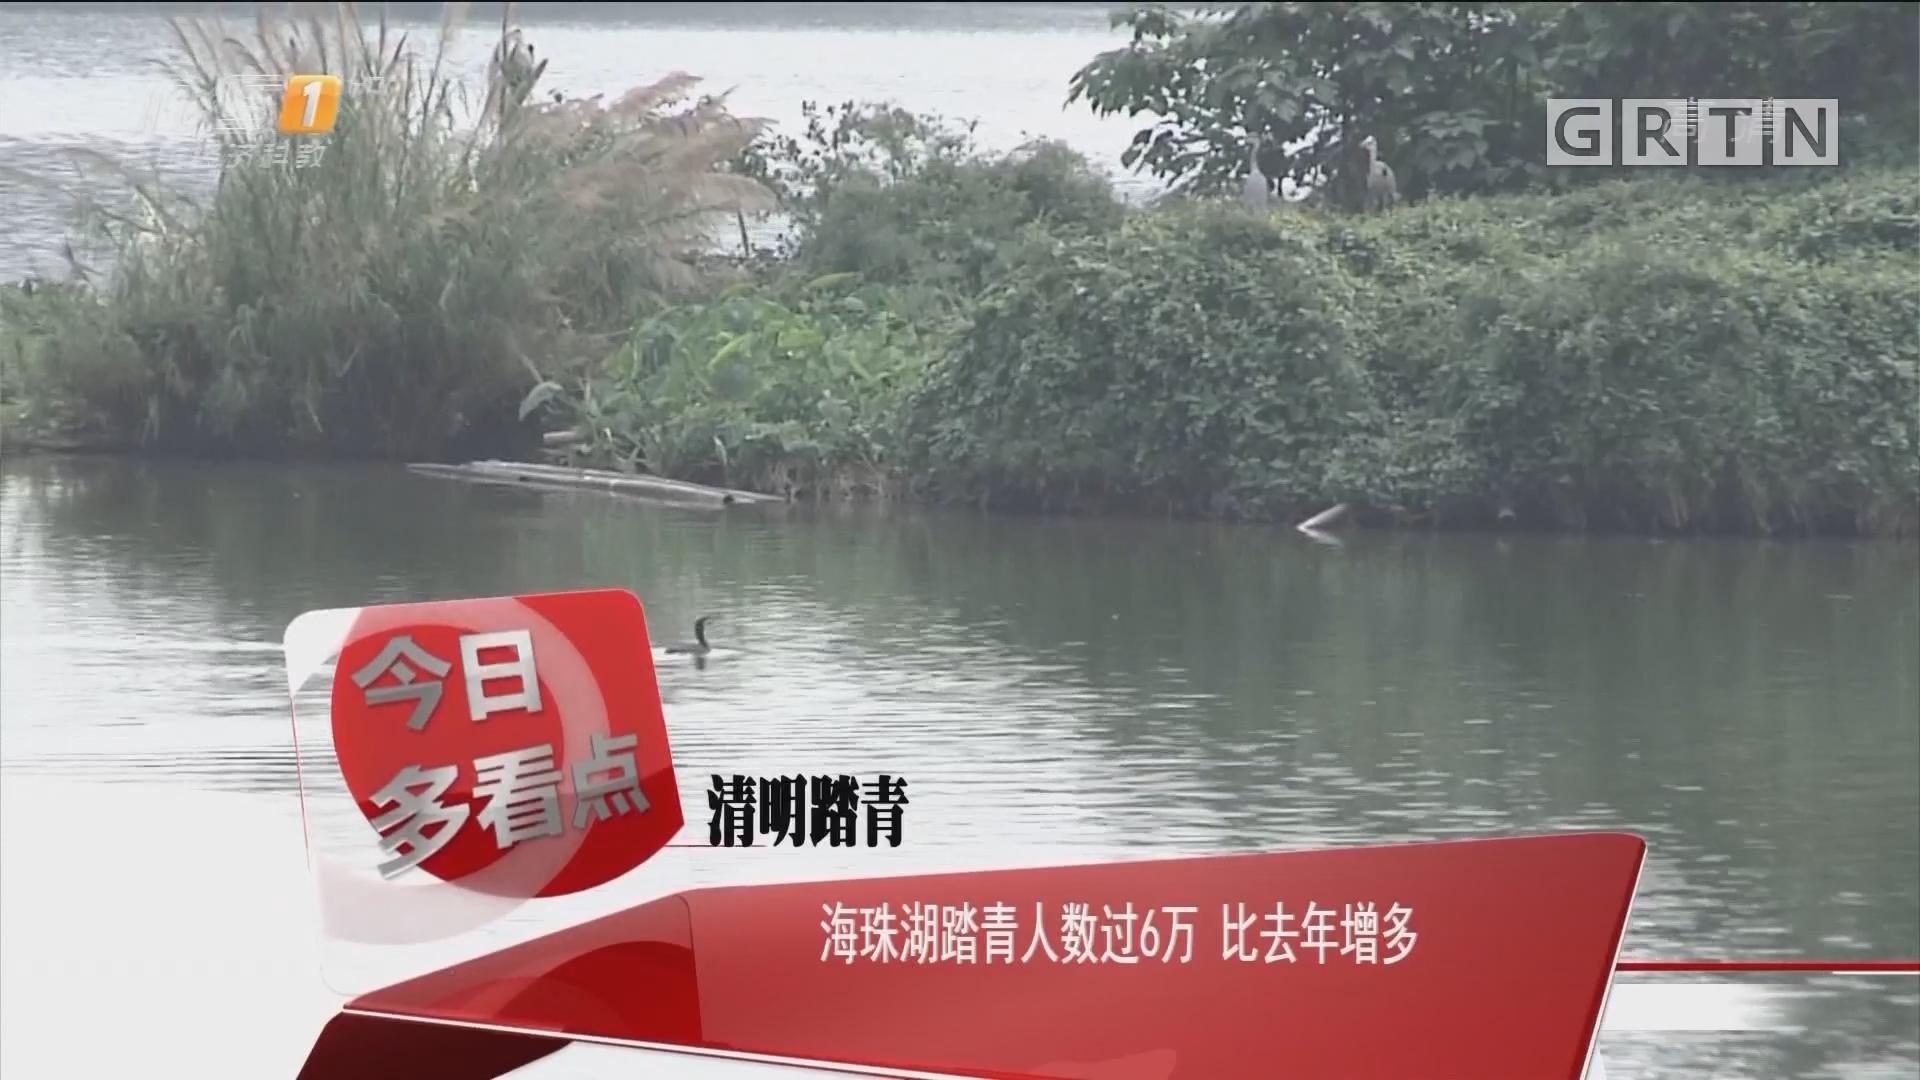 清明踏青:海珠湖踏青人数过6万 比去年增多